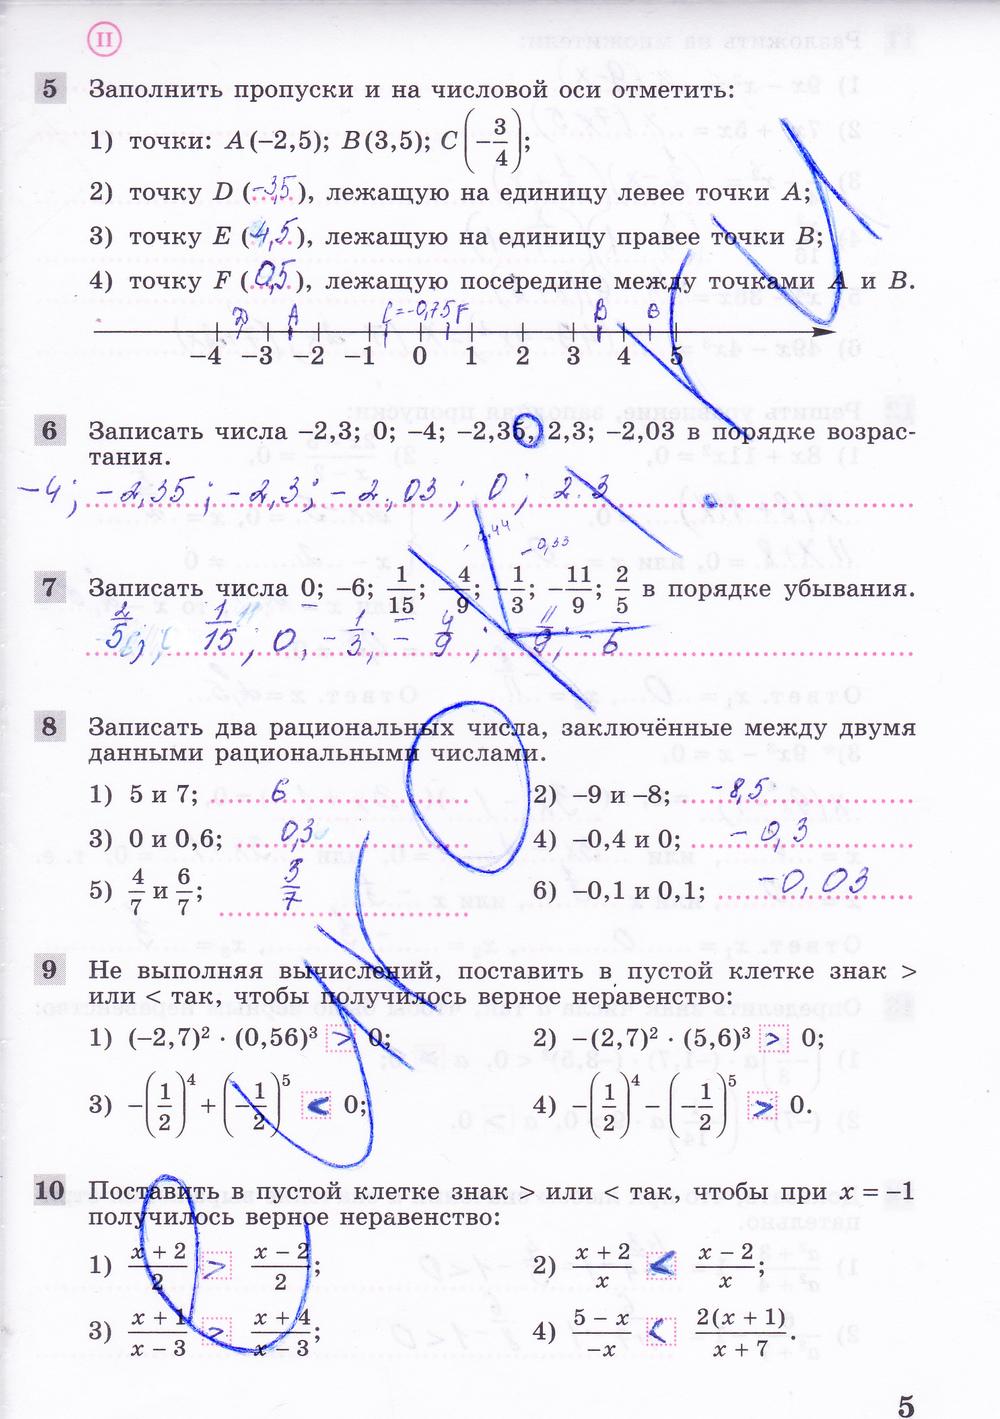 Алгебре 10 тетрадь гдз по 1 рабочая класс